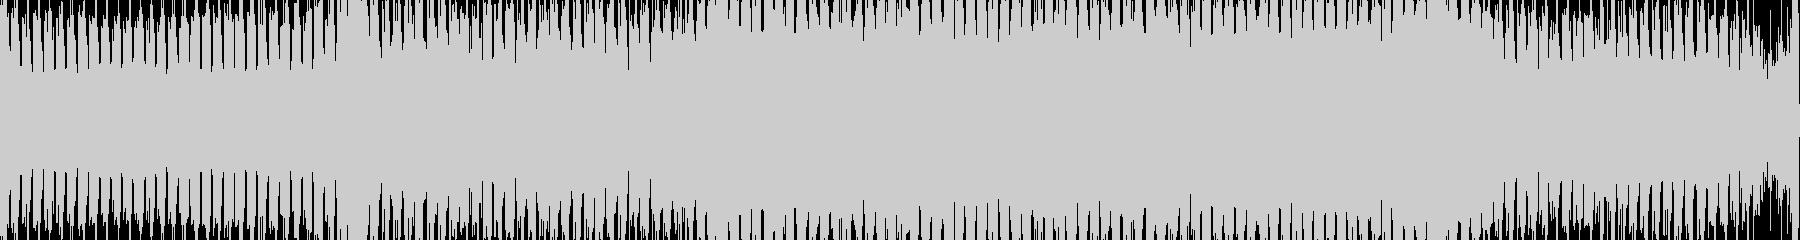 神秘的な音色のトランス【ループ素材】の未再生の波形